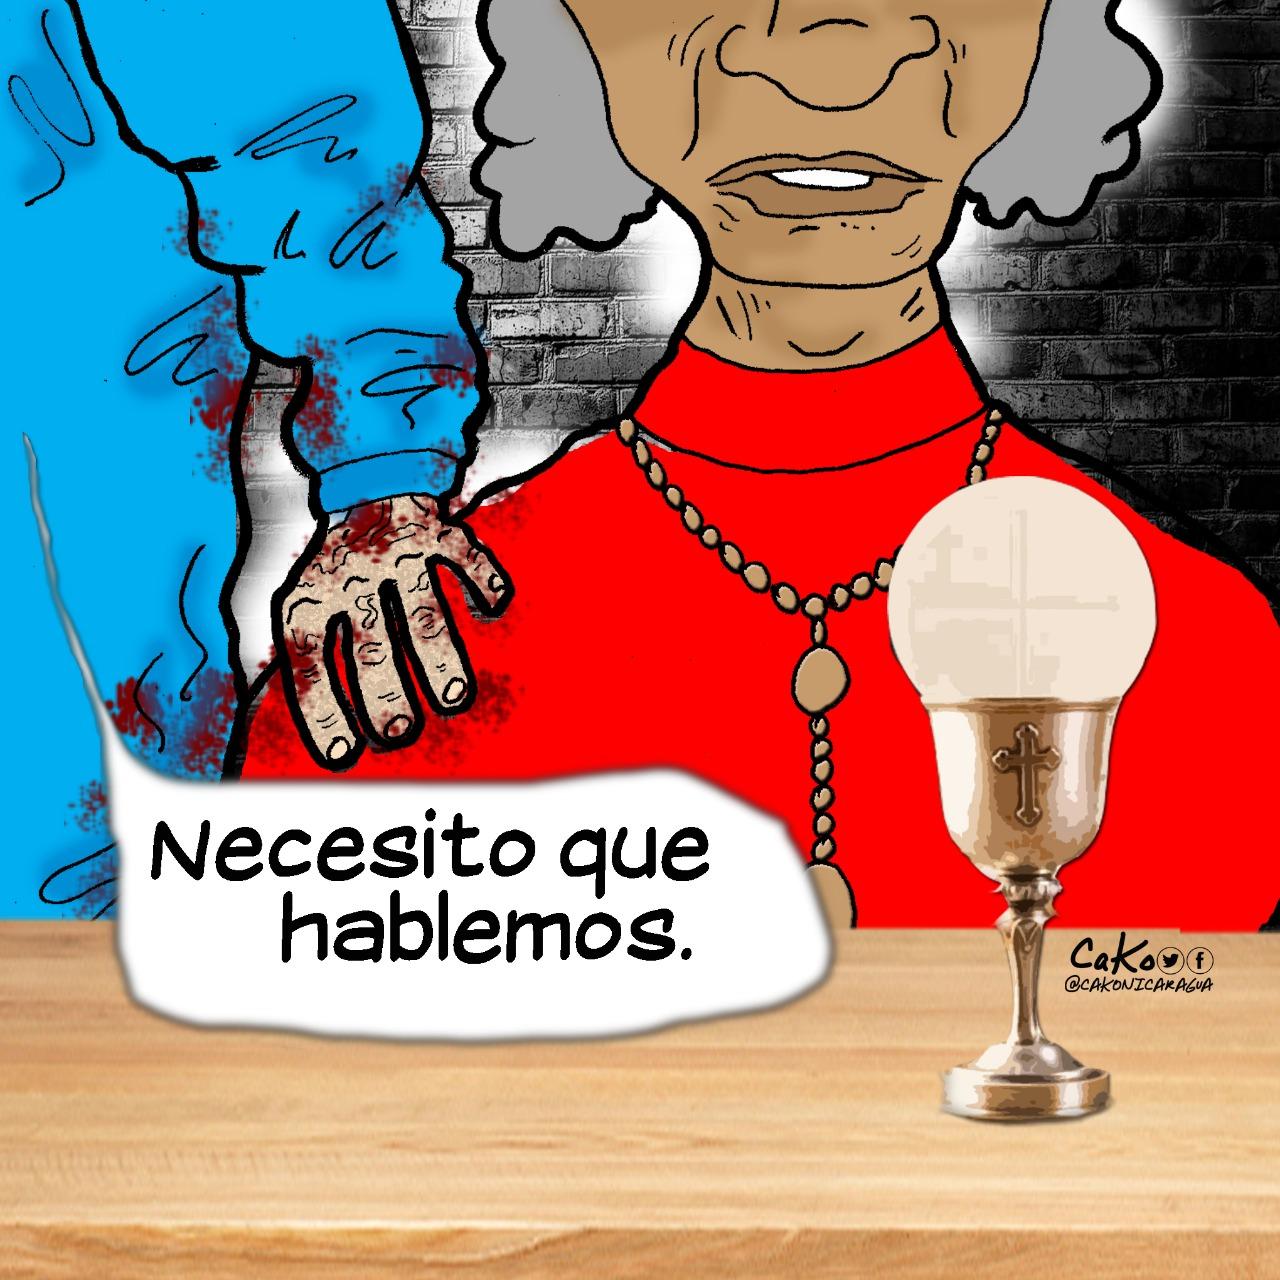 La Caricatura: El dictador necesita hablar con sus aliados